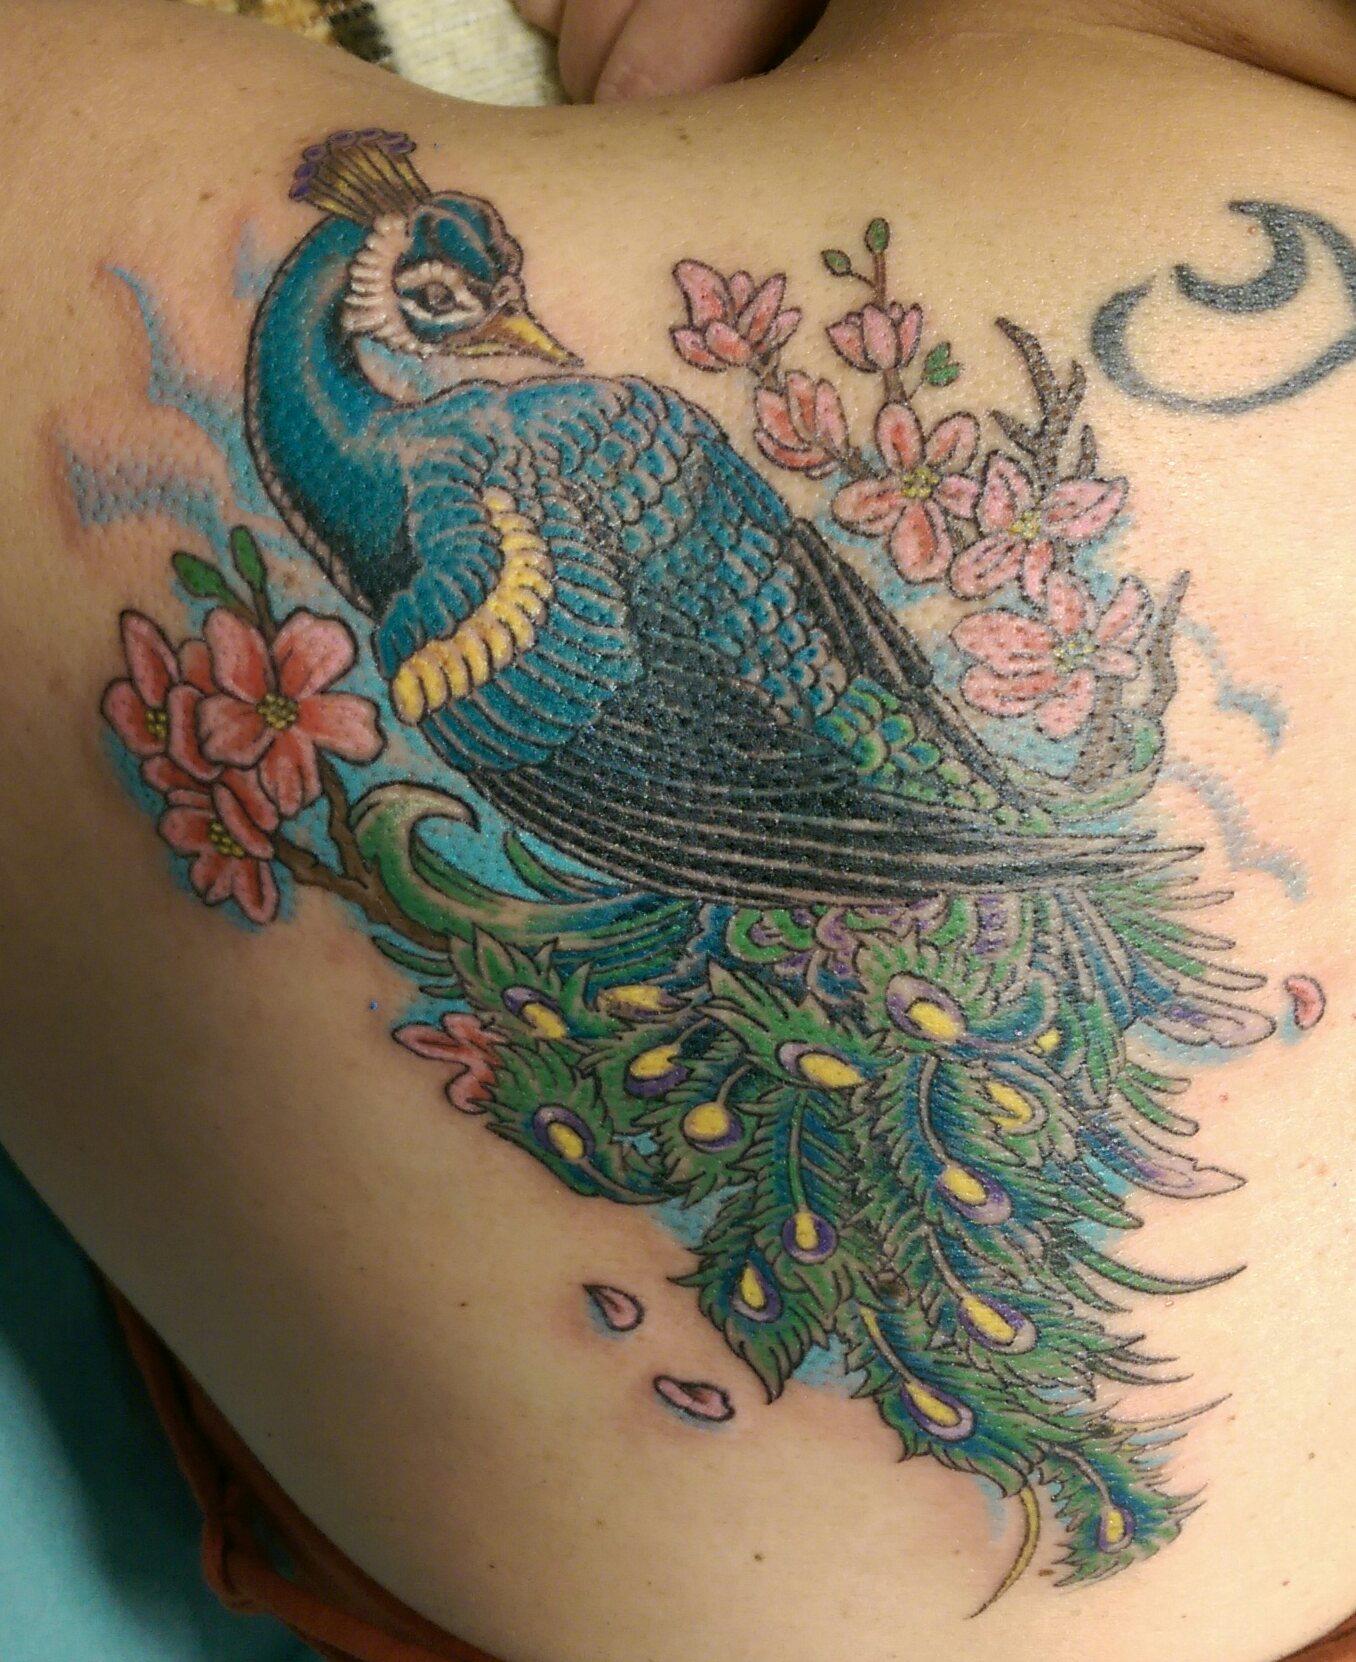 Peacock Tattoo: Skinhouse Studio